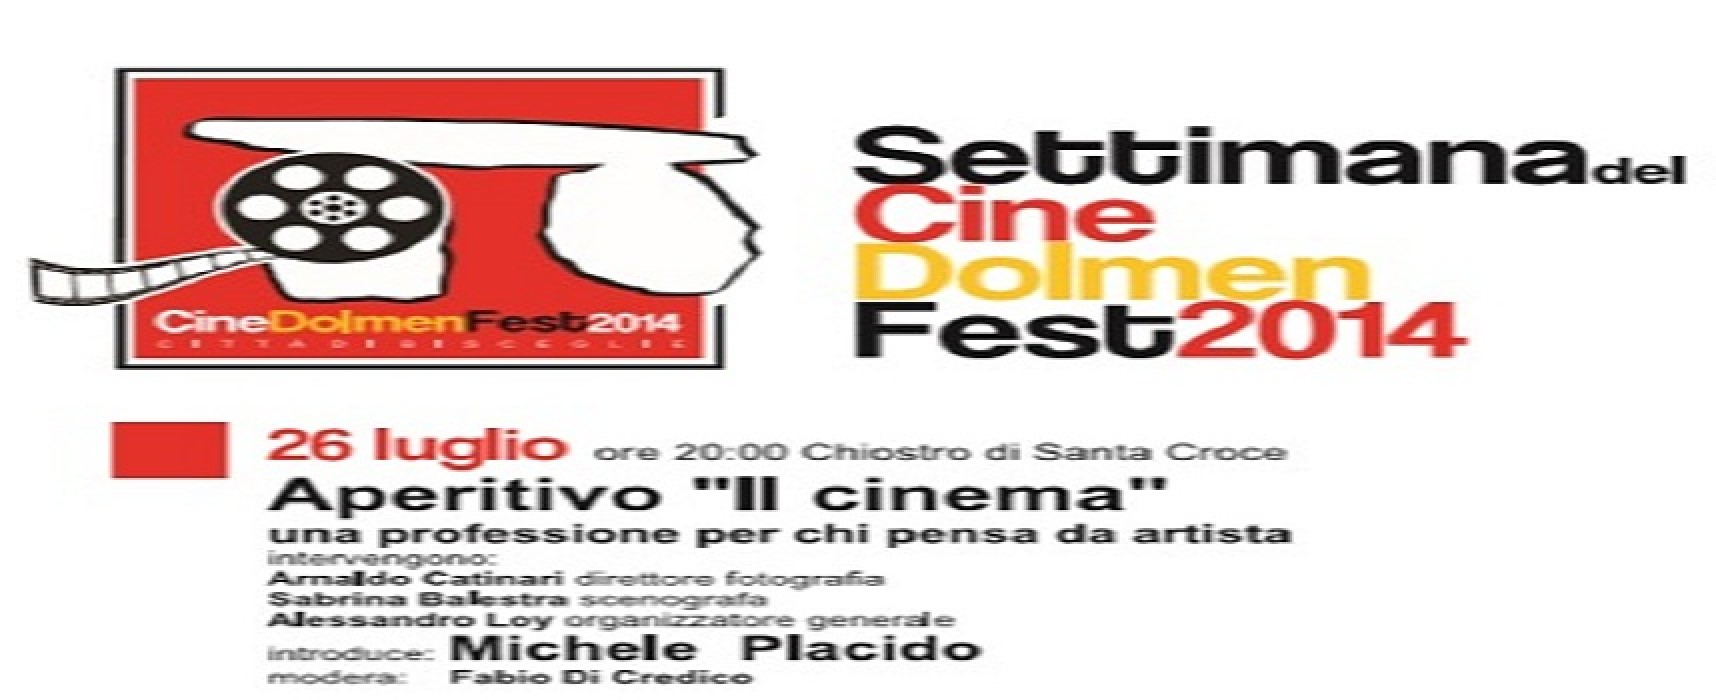 """Annullato l'aperitivo """"Il Cinema"""" in programma questa sera alle 20.00 presso il chiostro di Santa Croce"""